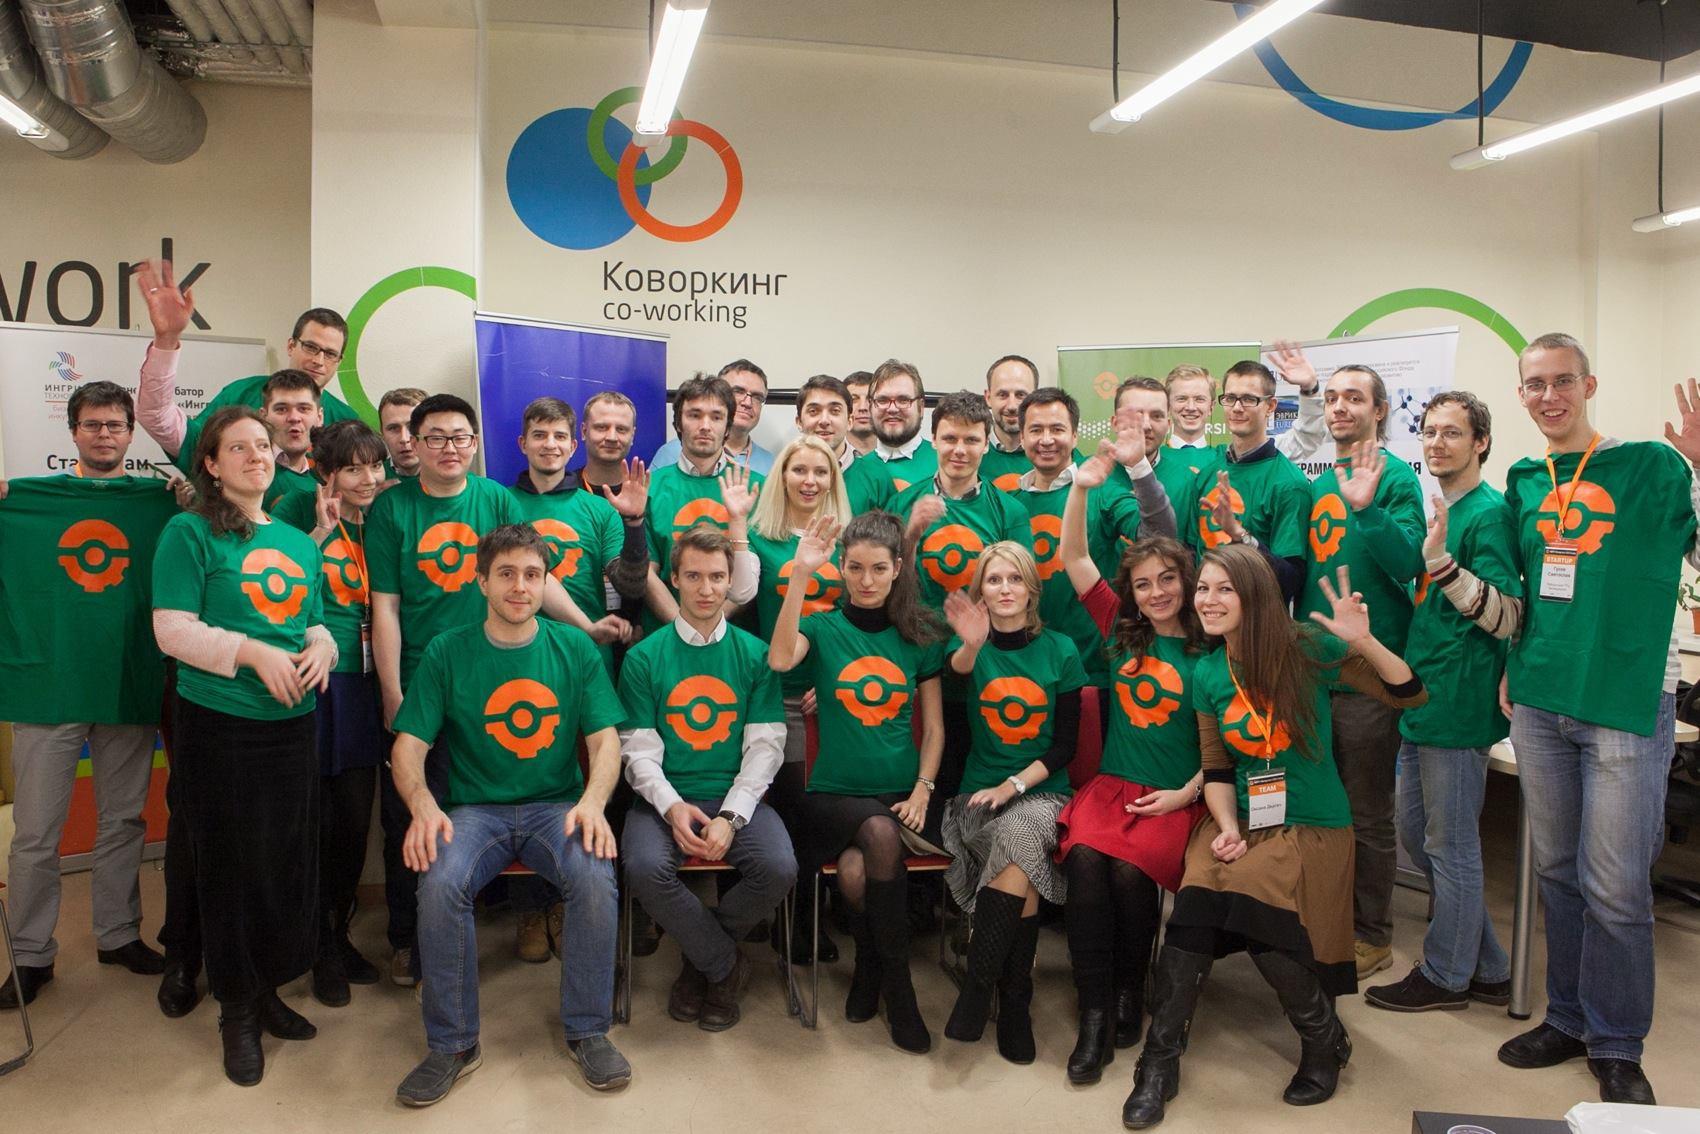 Состоялся выпуск образовательной программы для стартапов ABRT-Mangrove CEO Camp 2.0